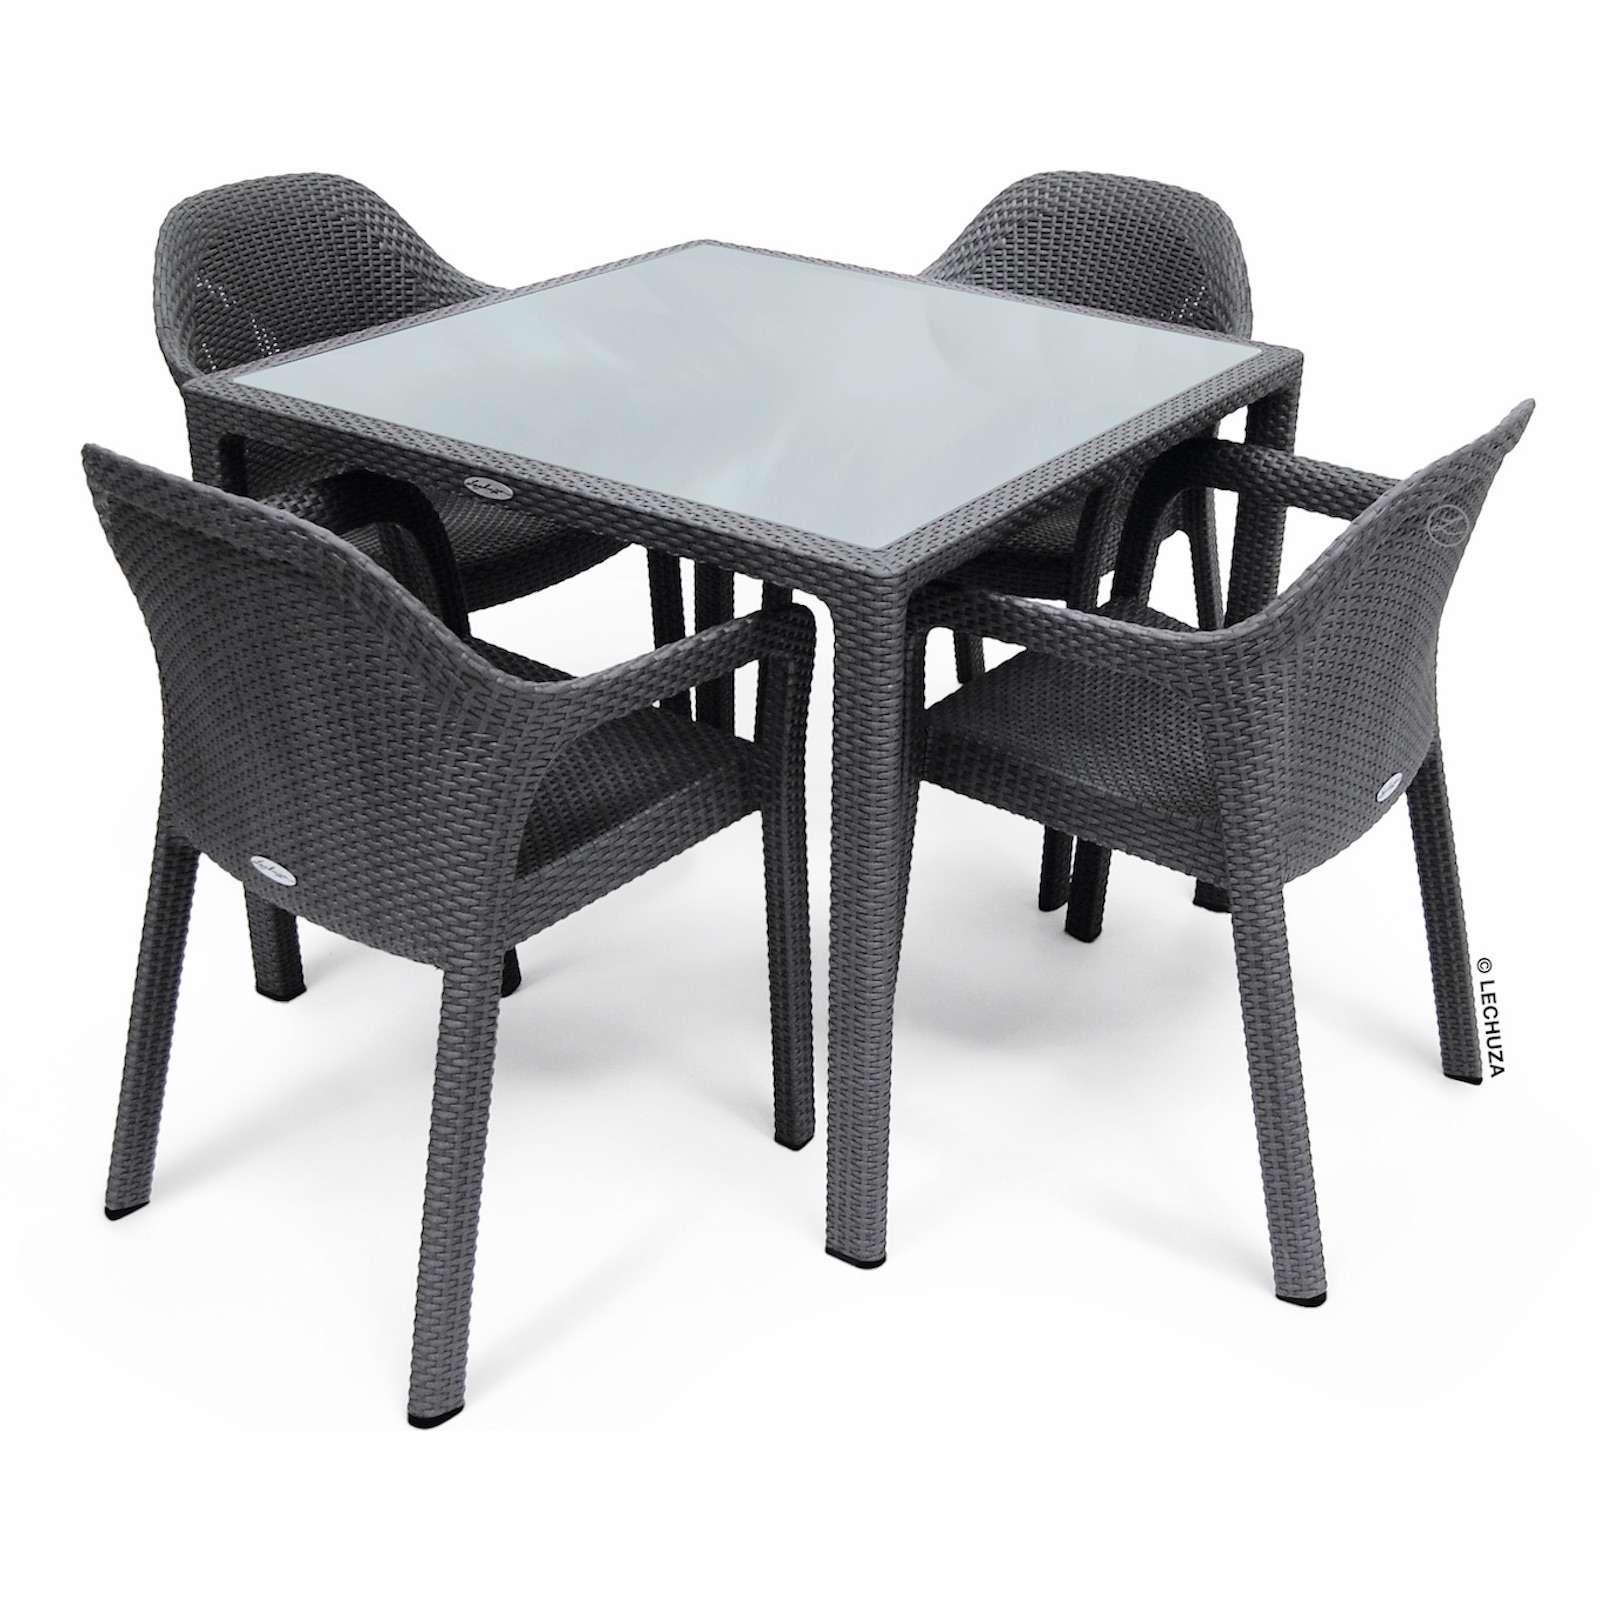 Lechuza Sitzgruppe Esstisch 90 x 90 cm granit inkl. 4 Stühle Gartentisch SET